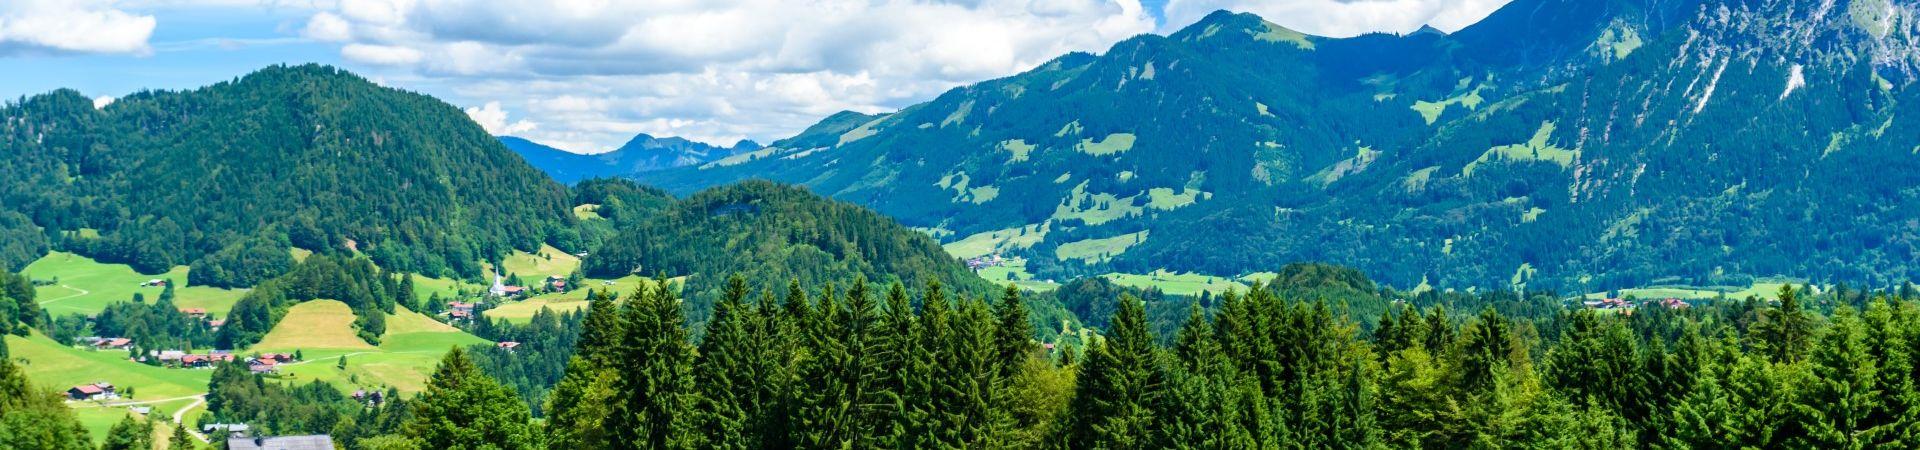 Kurzurlaub in Süddeutschland